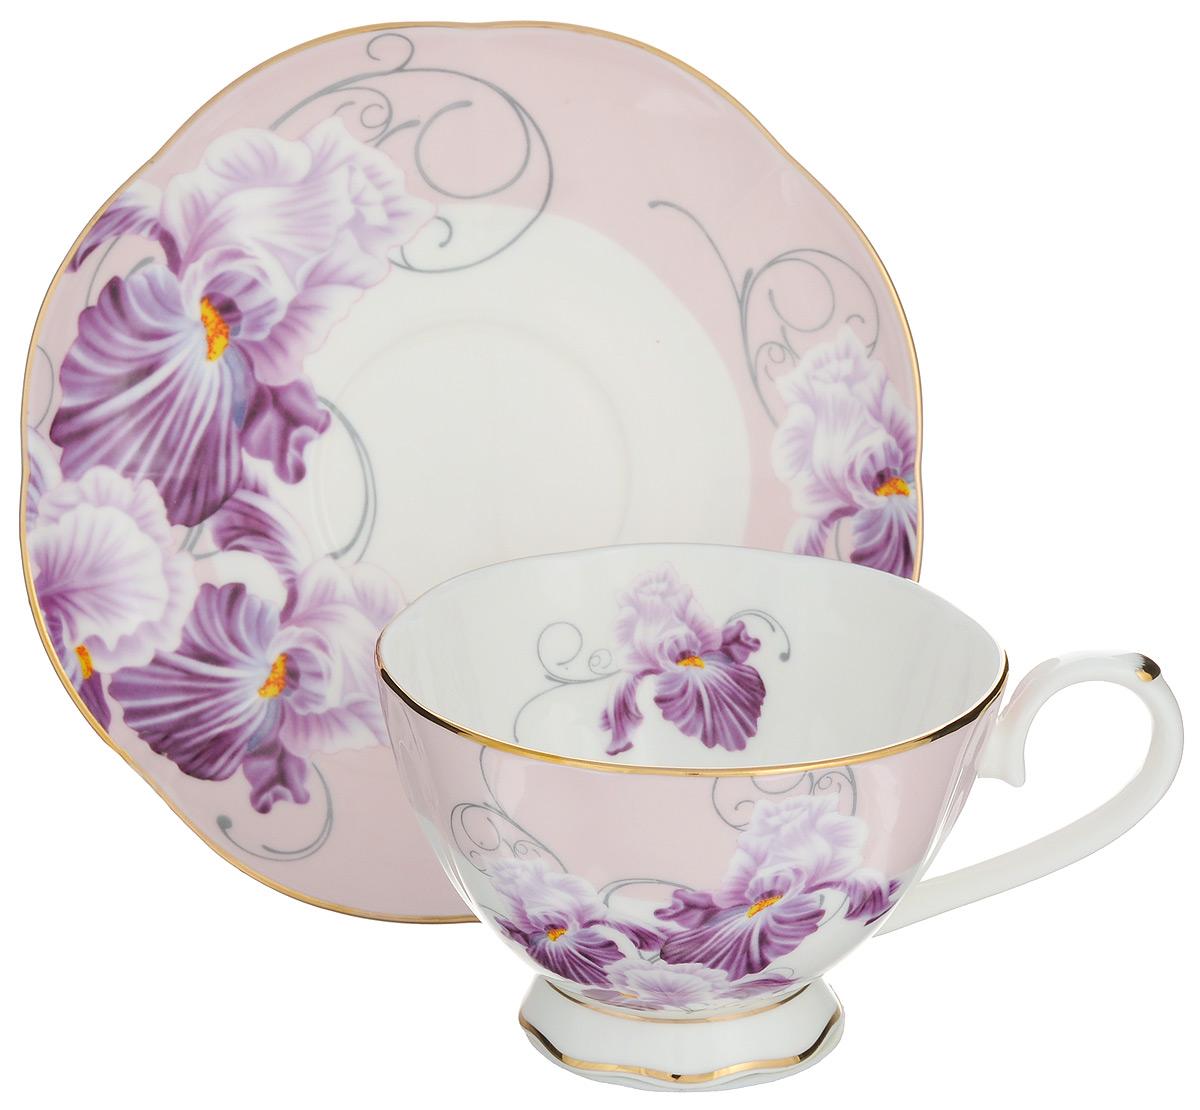 Чайная пара Elan Gallery Ирисы, 2 предмета530033Чайная пара Elan Gallery Ирисы состоит из чашки и блюдца, изготовленных из керамики высшего качества, отличающегося необыкновенной прочностью и небольшим весом. Яркий дизайн, несомненно, придется вам по вкусу. Чайная пара Elan Gallery Ирисы украсит ваш кухонный стол, а также станет замечательным подарком к любому празднику. Не рекомендуется применять абразивные моющие средства. Не использовать в микроволновой печи. Объем чашки: 230 мл. Диаметр чашки (по верхнему краю): 10 см. Высота чашки: 7 см. Диаметр блюдца (по верхнему краю): 16 см. Высота блюдца: 2 см.